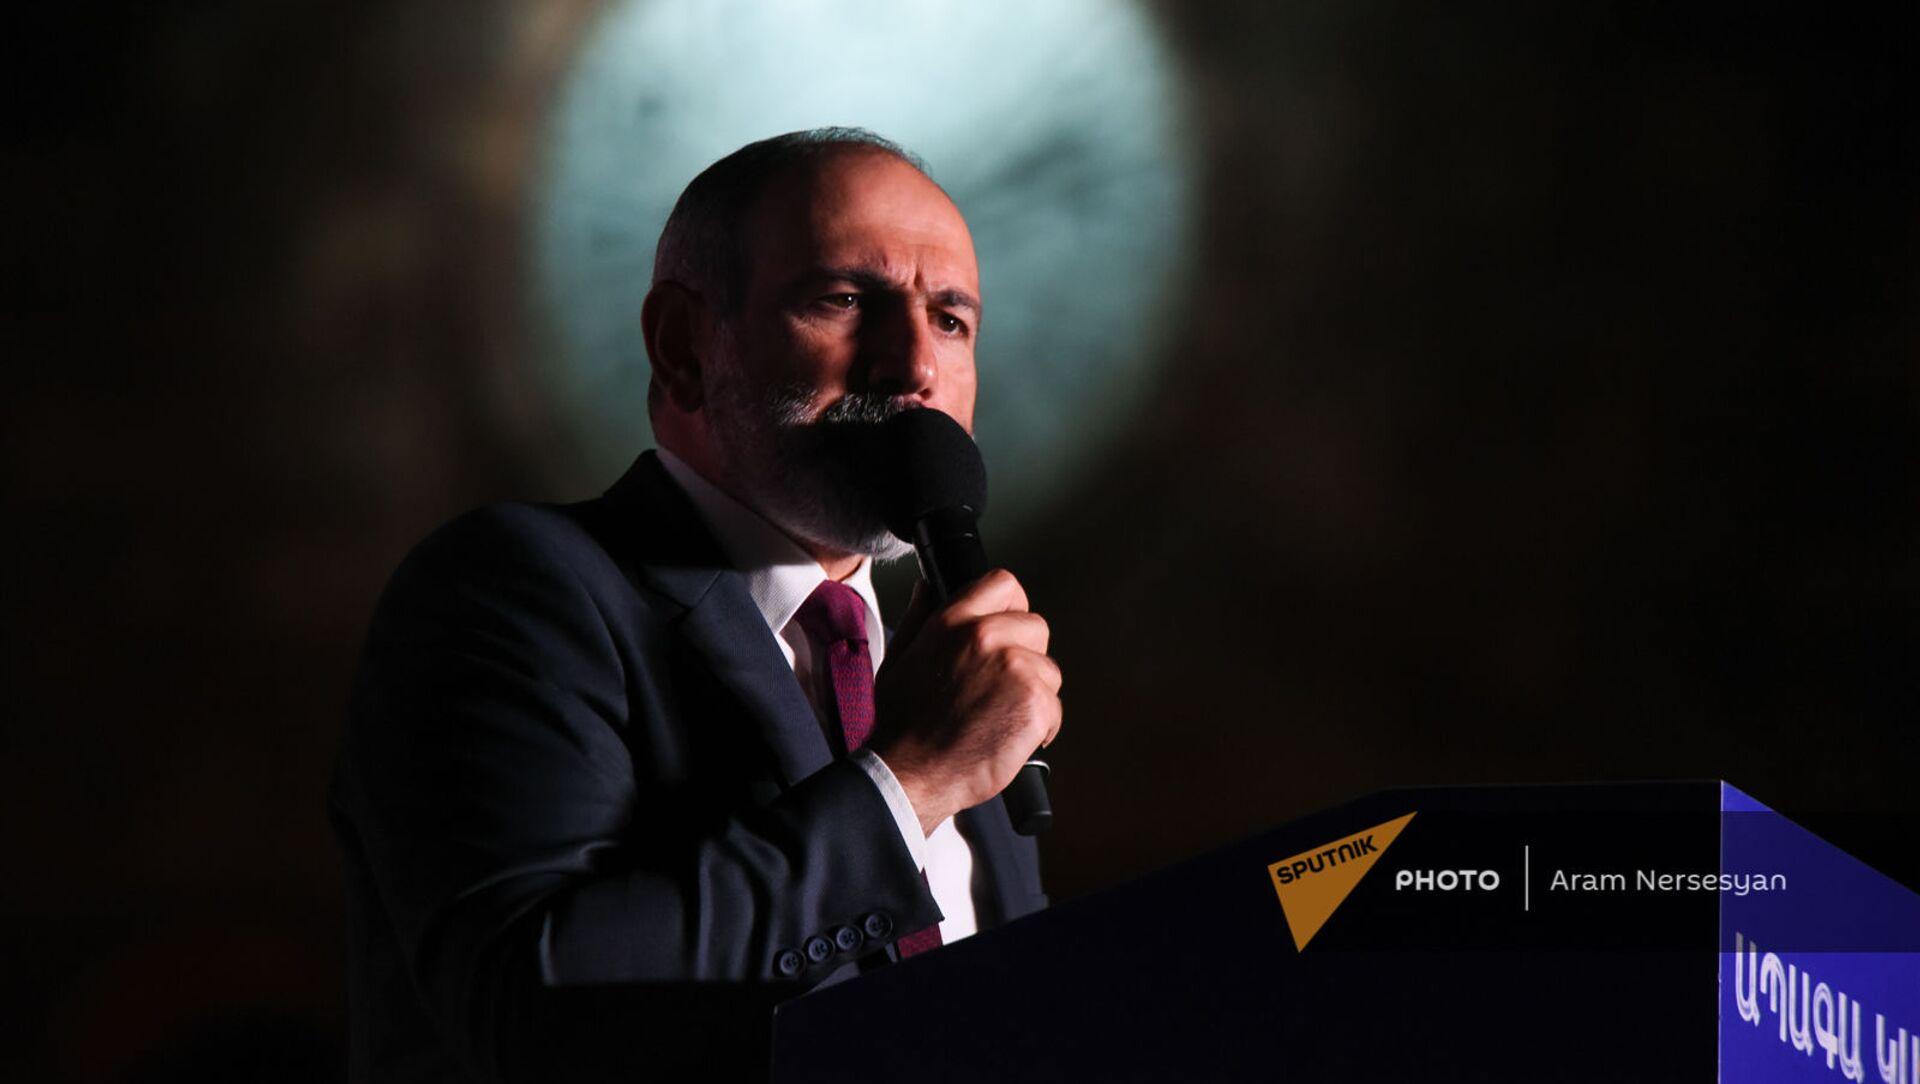 И.о. премьер-министра Никол Пашинян выступает с речью на митинге в поддержку победы партии Гражданский договор на внеочередных выборах (21 июня 2021). Еревaн - Sputnik Армения, 1920, 21.06.2021